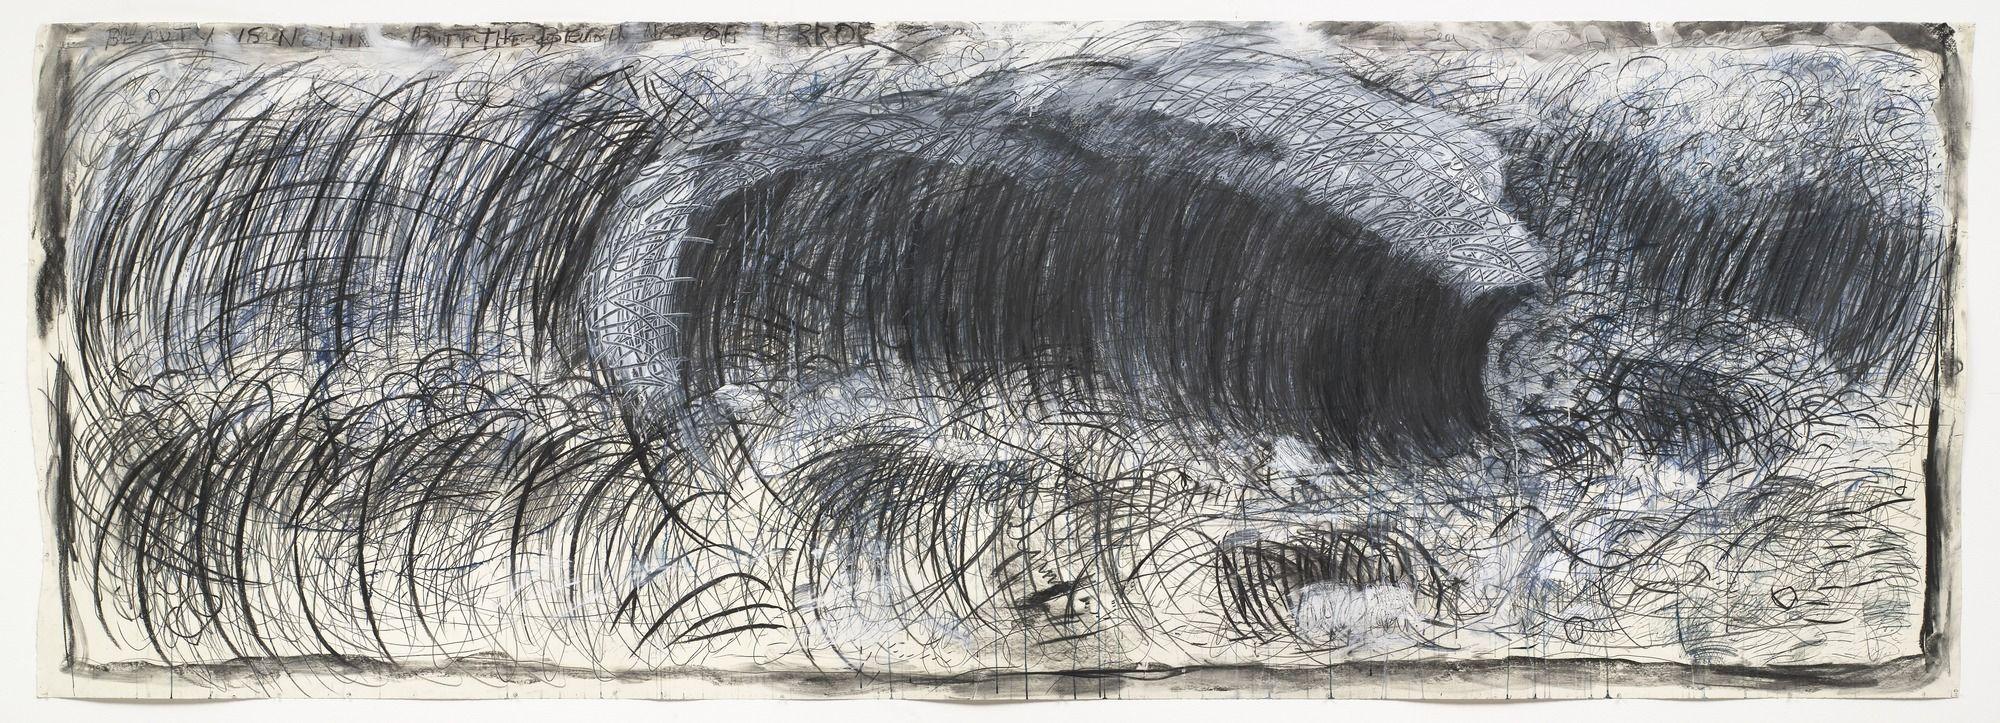 Pat steir abstract art inspiration artist film stills